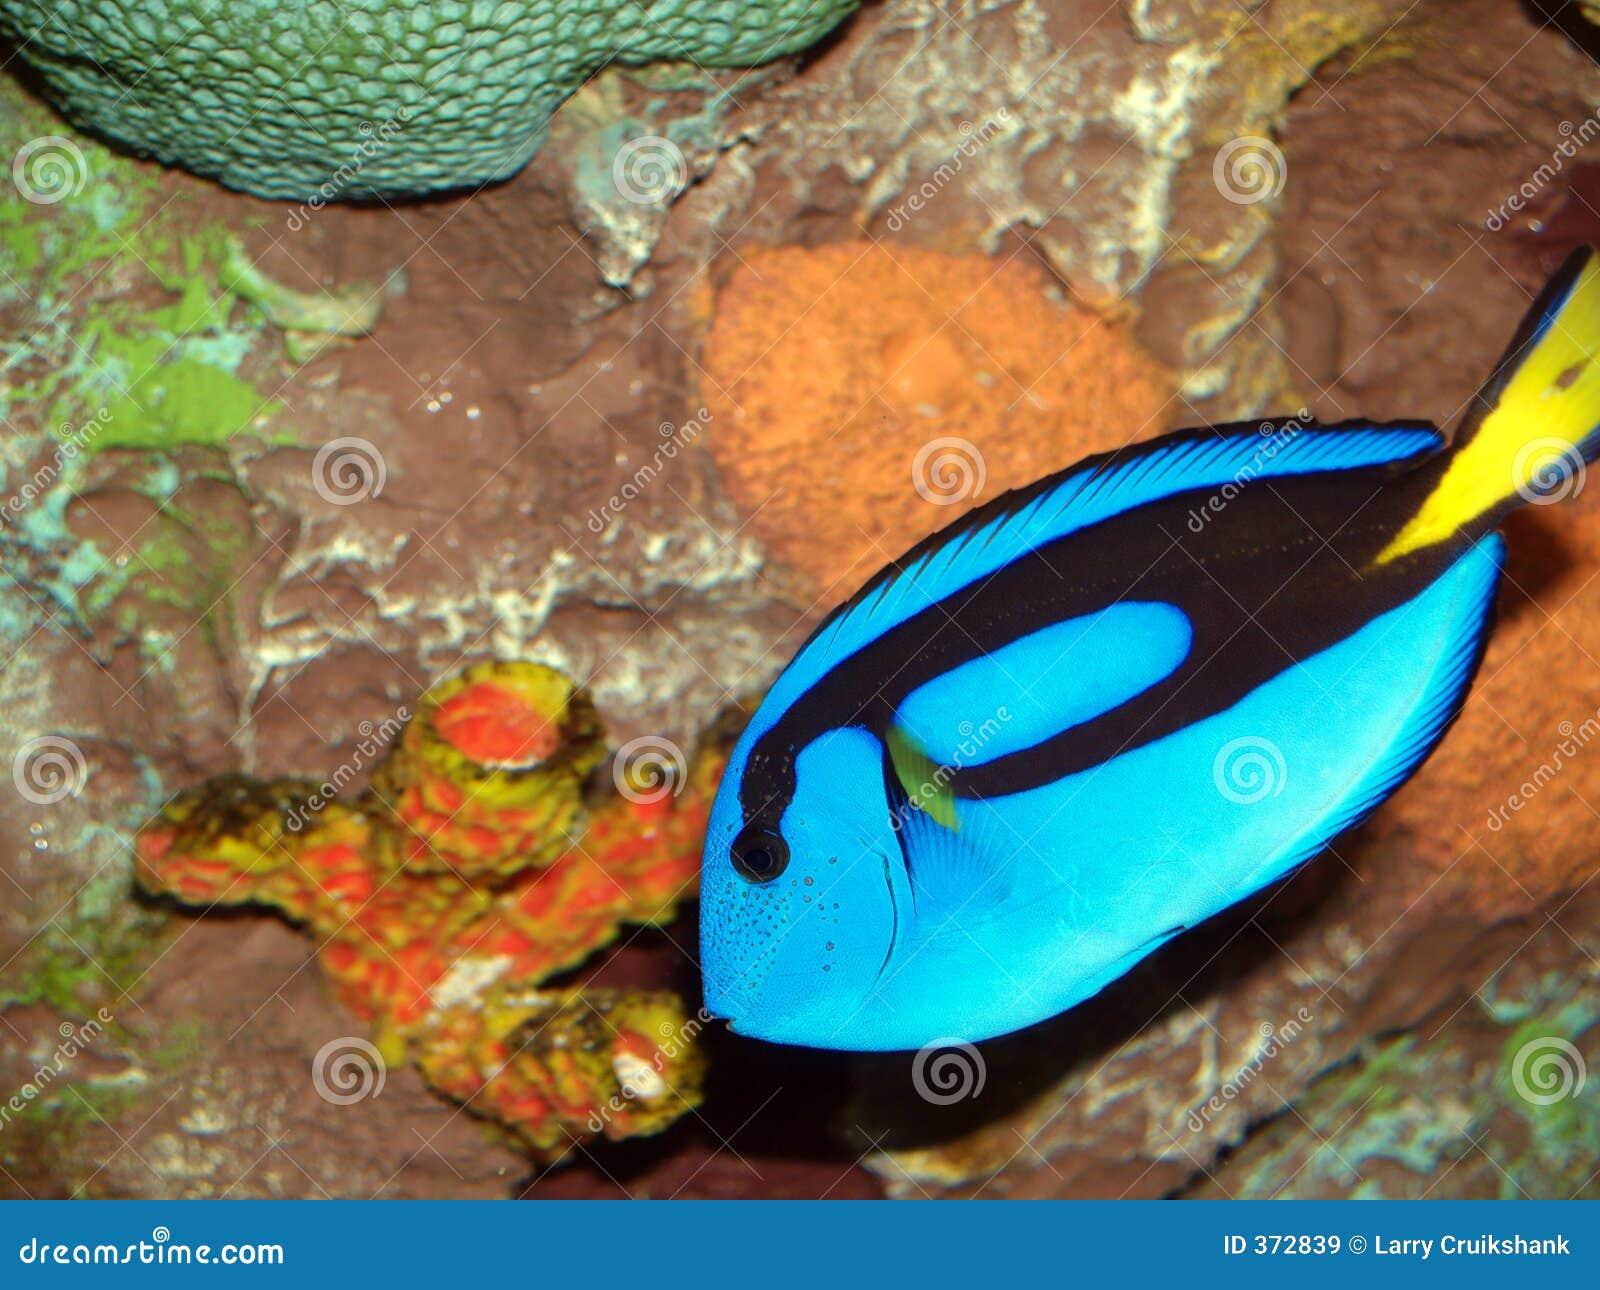 Tropische Vissen Royalty vrije Stock Afbeeldingen   Afbeelding  372839